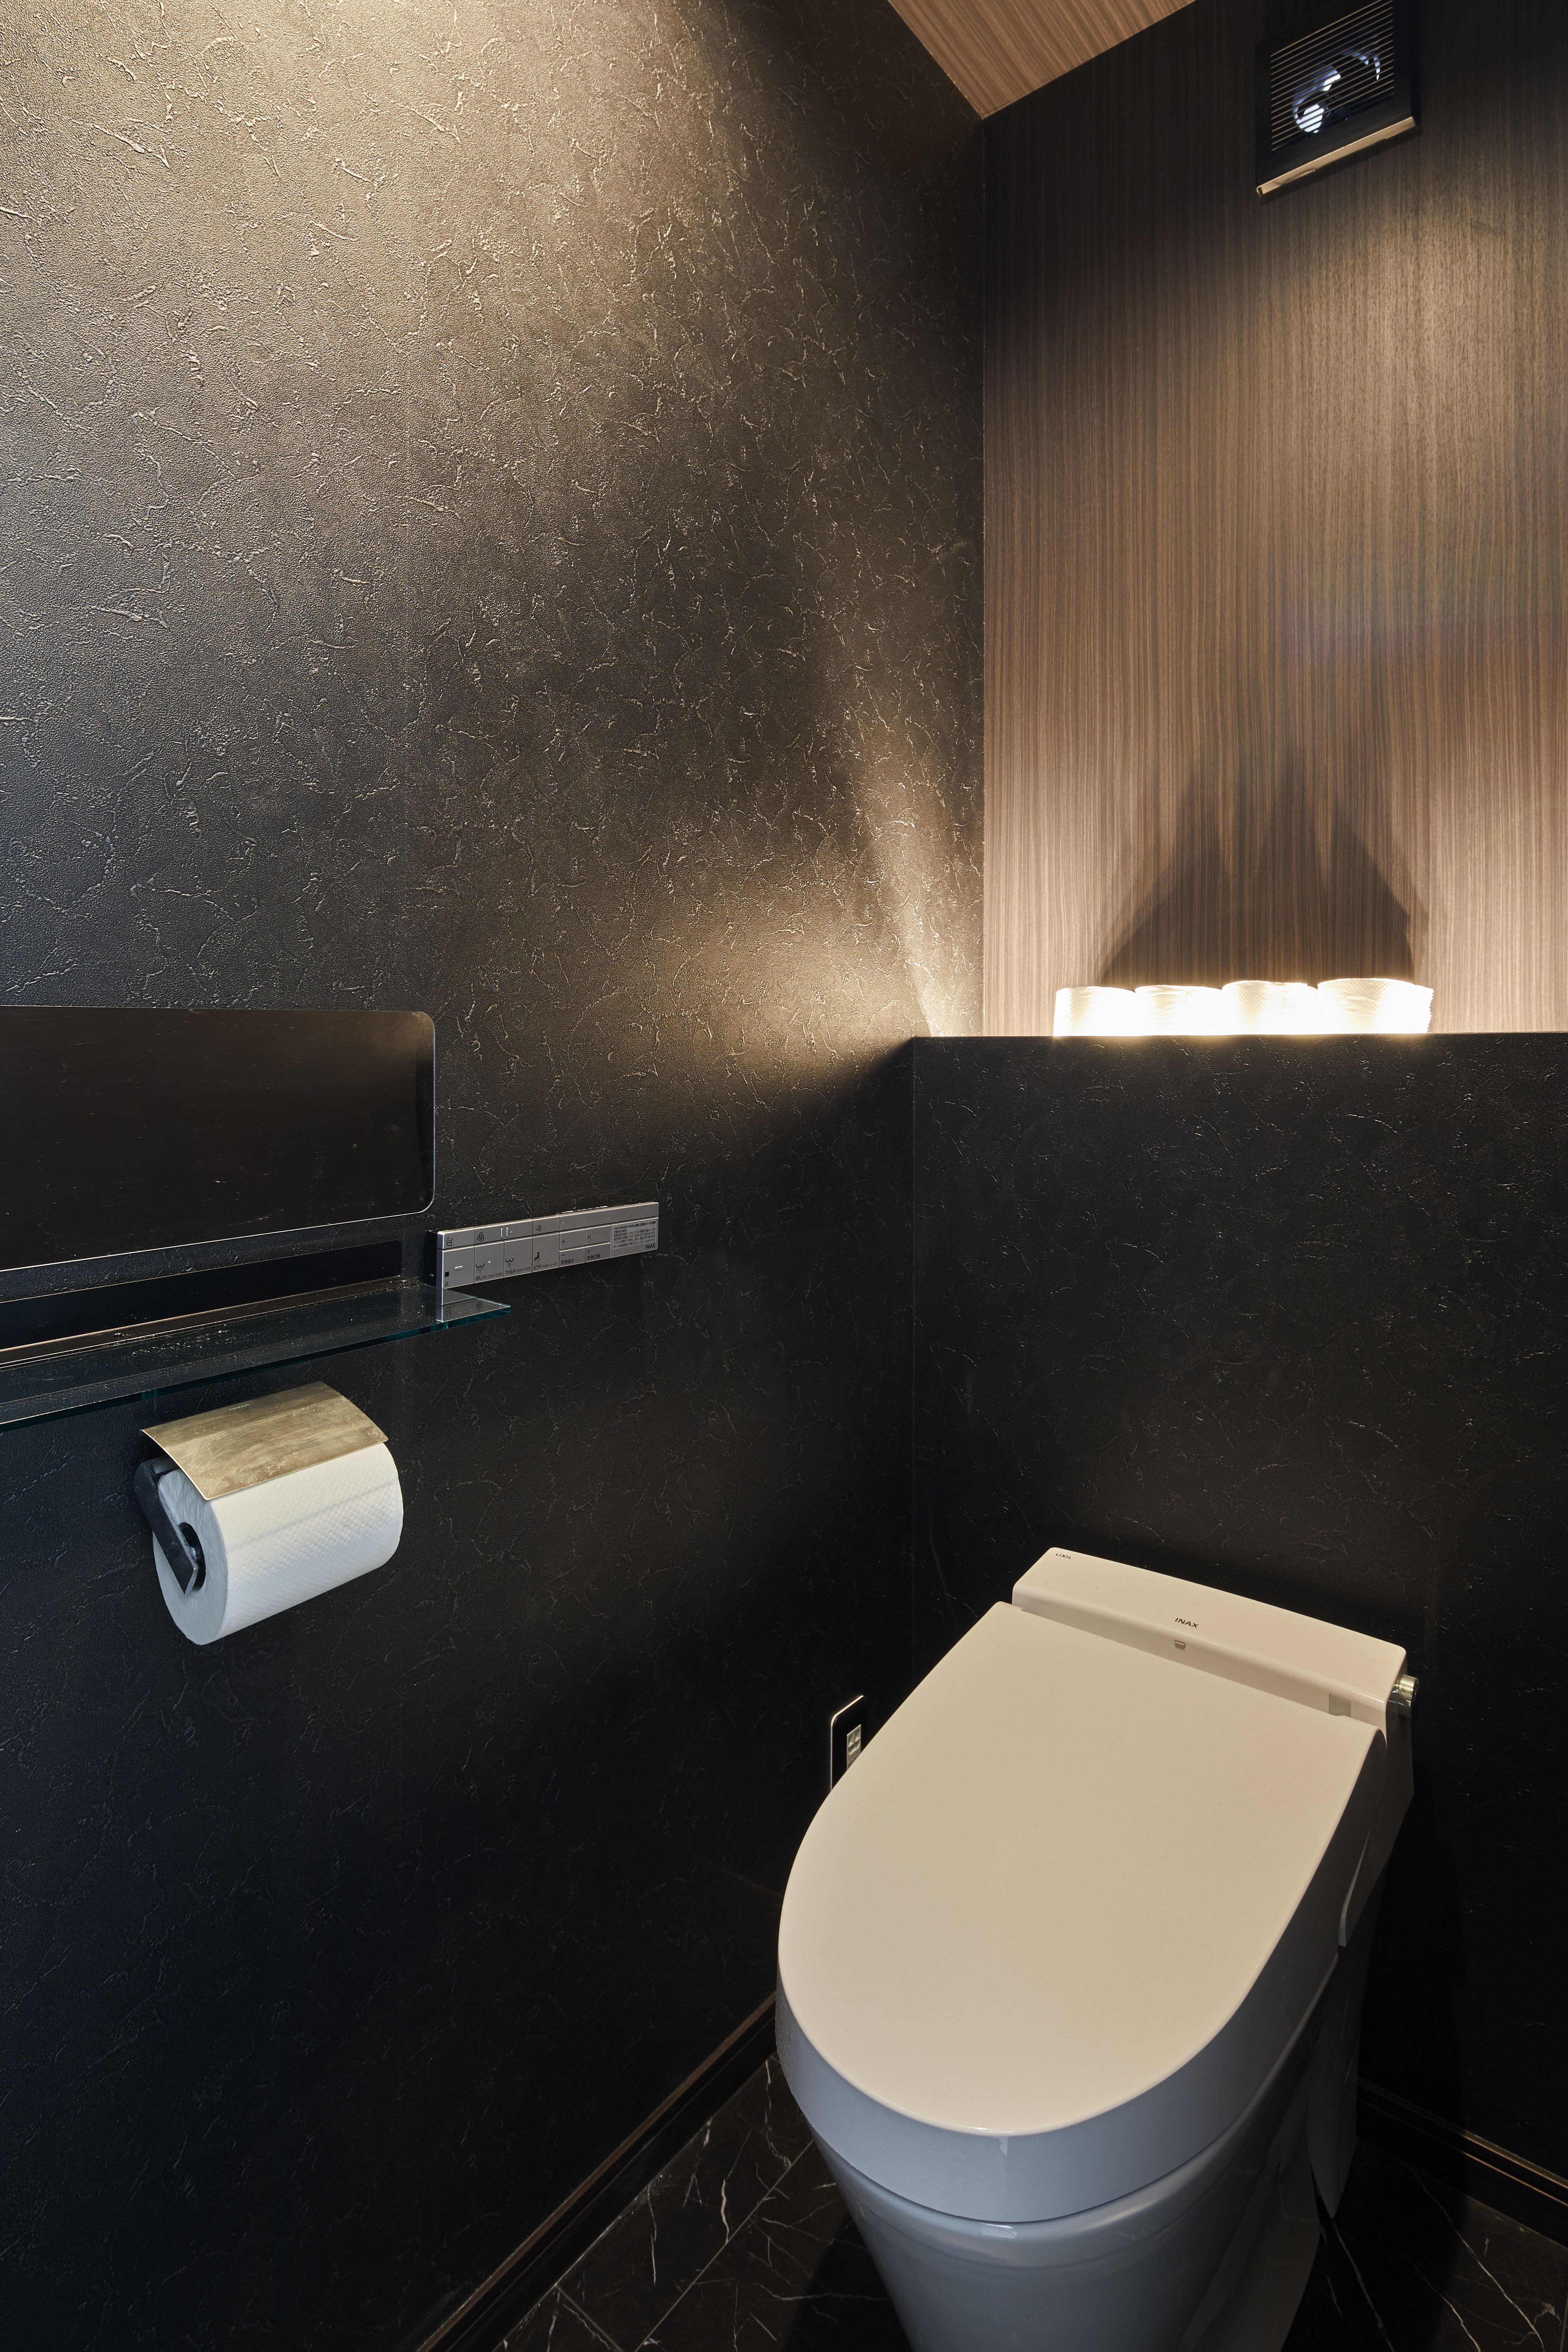 シックな色使いと間接照明が落ち着きを与える おしゃれなトイレ